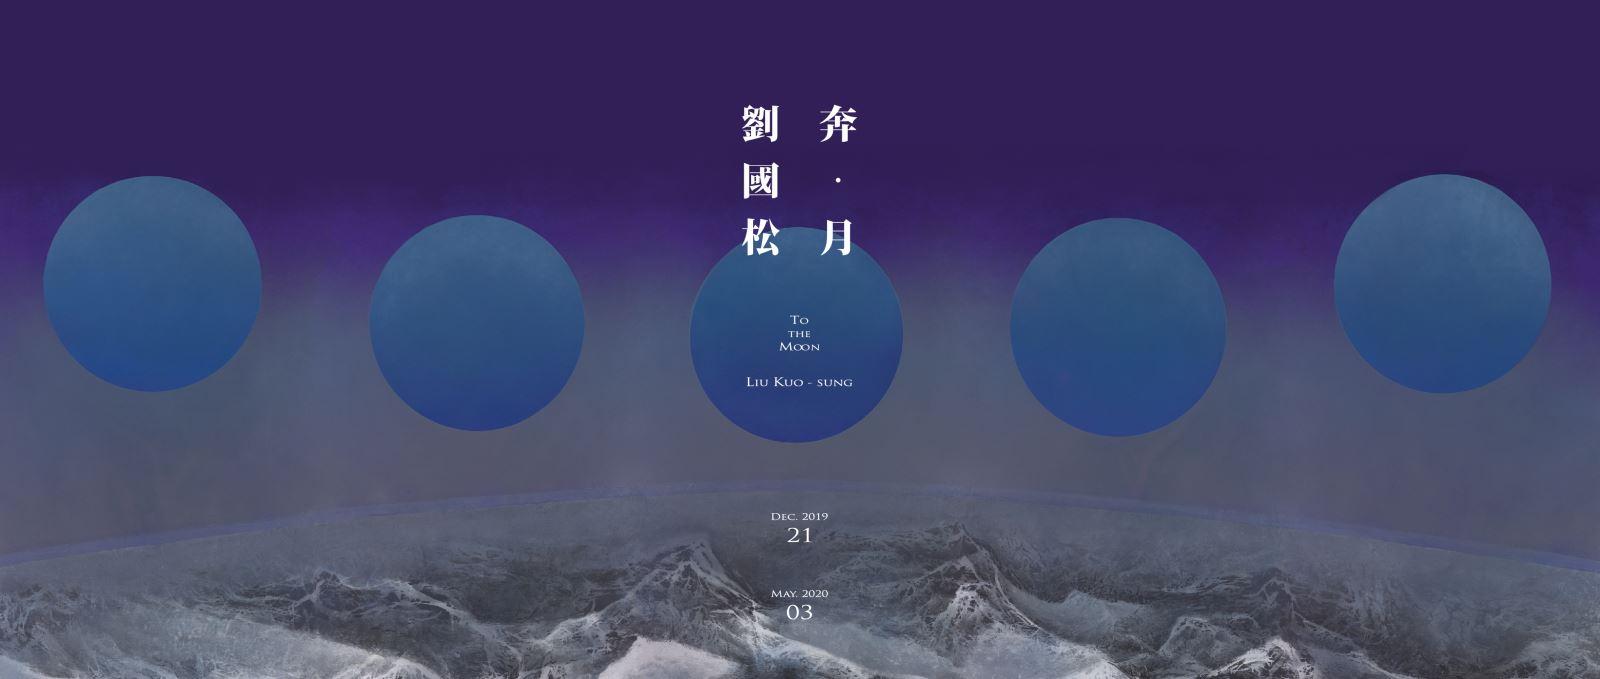 高雄市立美術館:2019/12/21-2020/05/03【奔•月—劉國松】